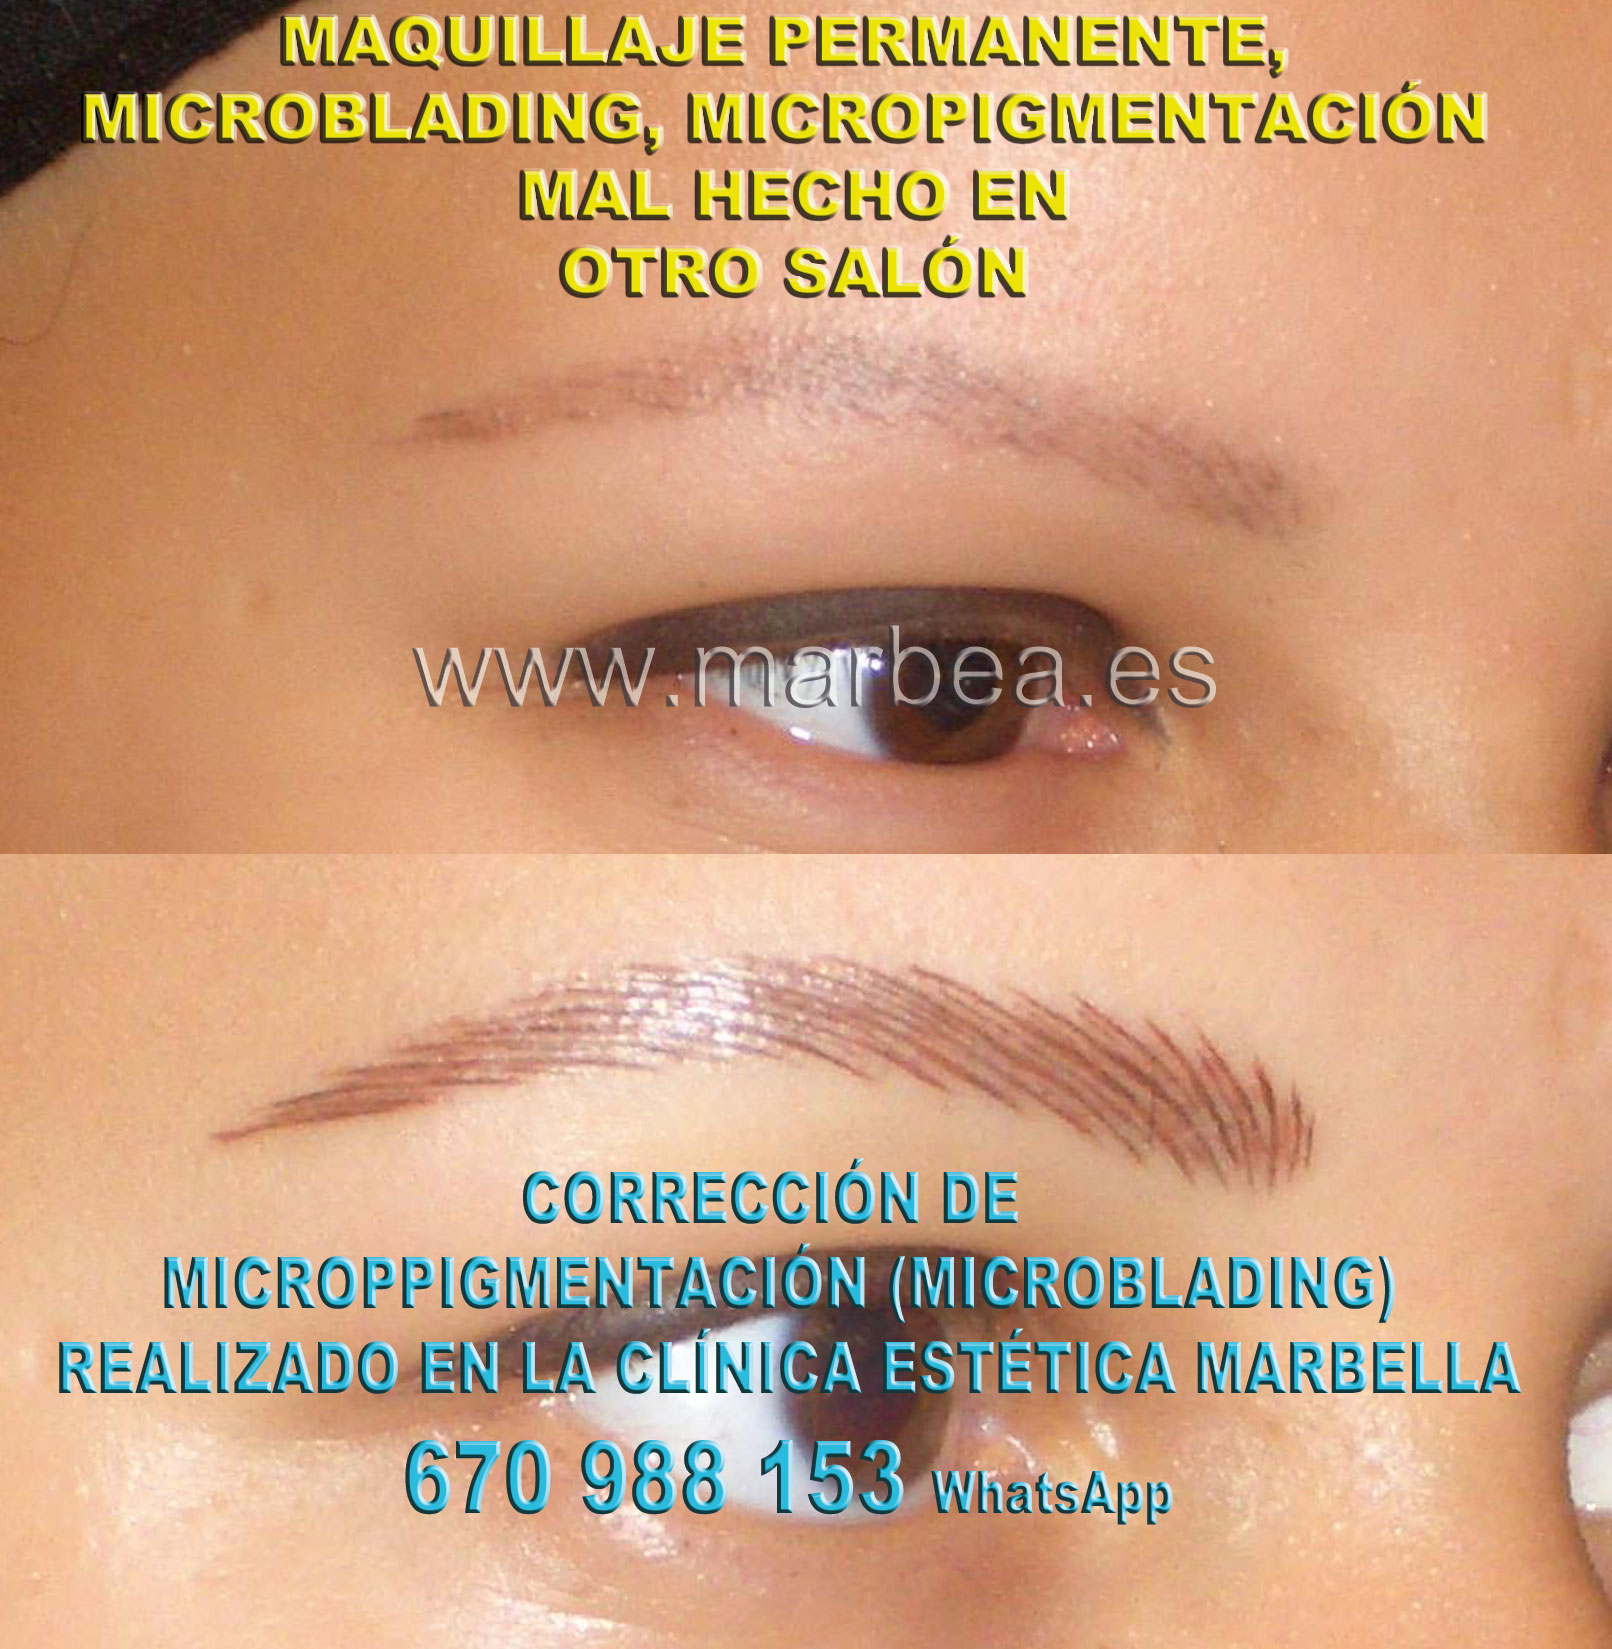 MAQUILLAJE PERMANENTE CEJAS MAL HECHO clínica estética maquillaje permanete ofrece micropigmentacion correctiva de cejas,corregir micropigmentación mal hecha